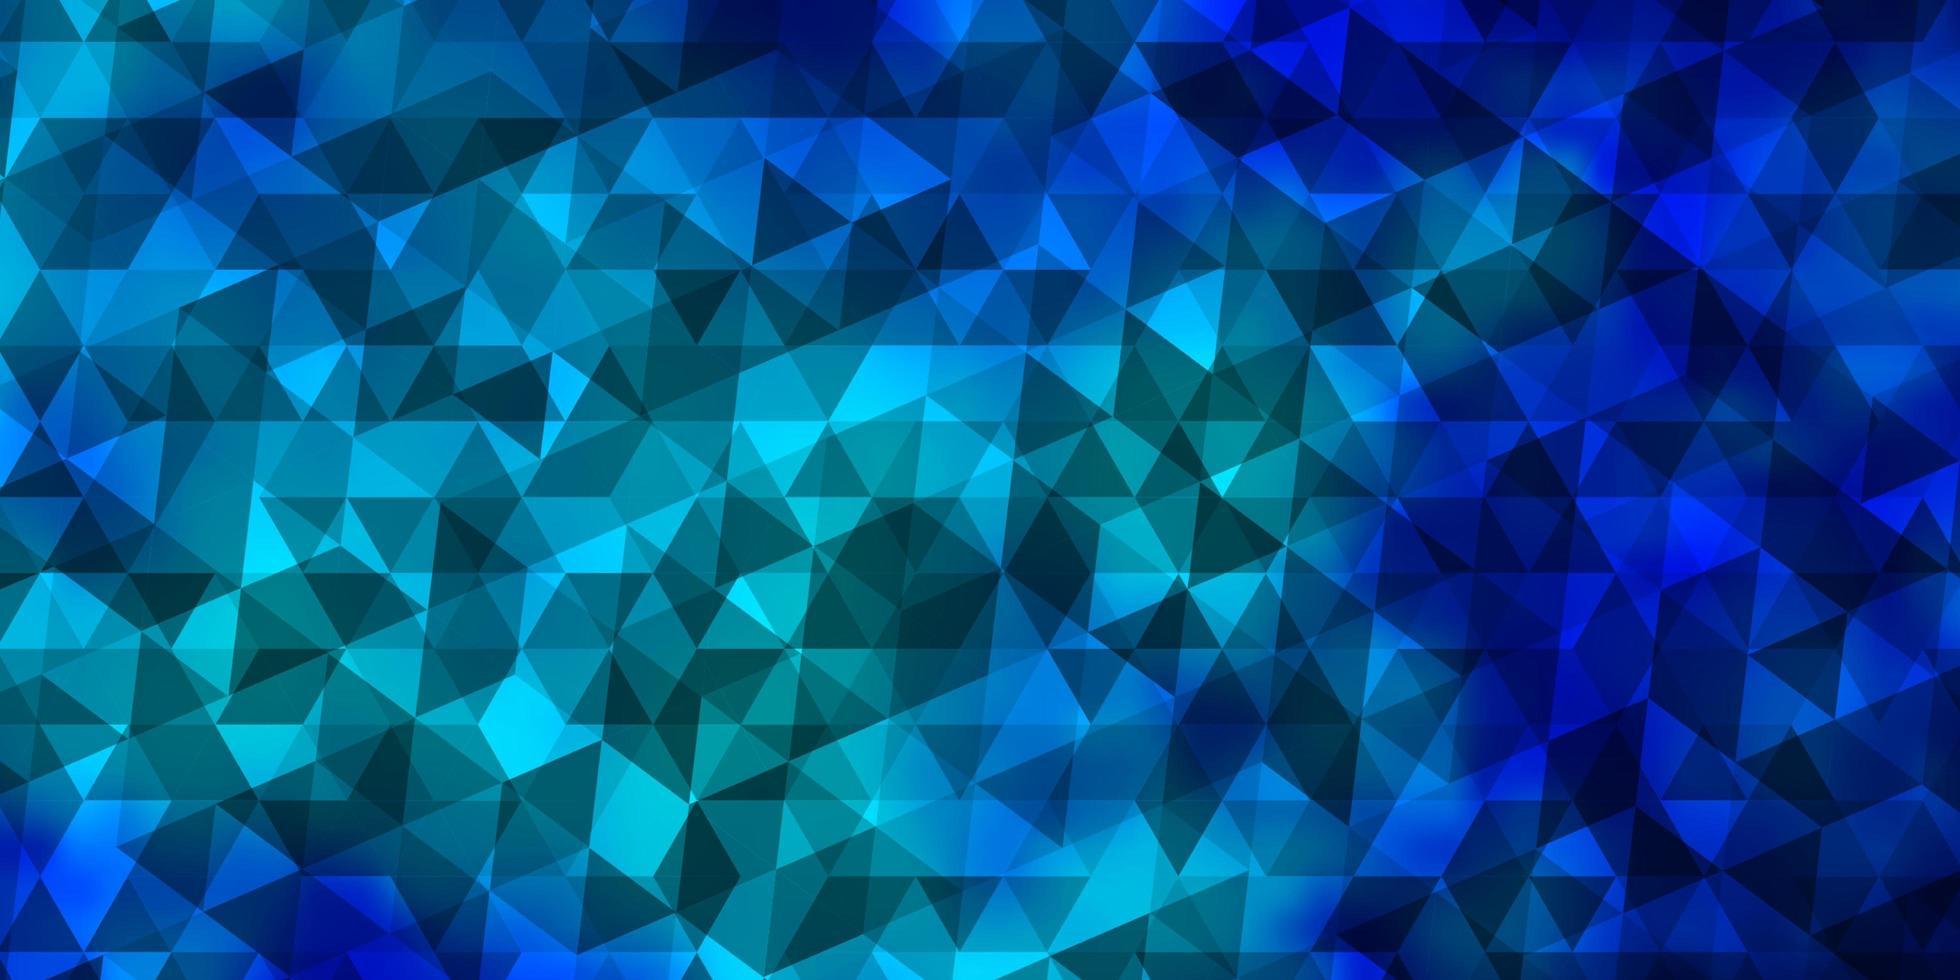 lichtblauwe vectorlay-out met lijnen, driehoeken. vector